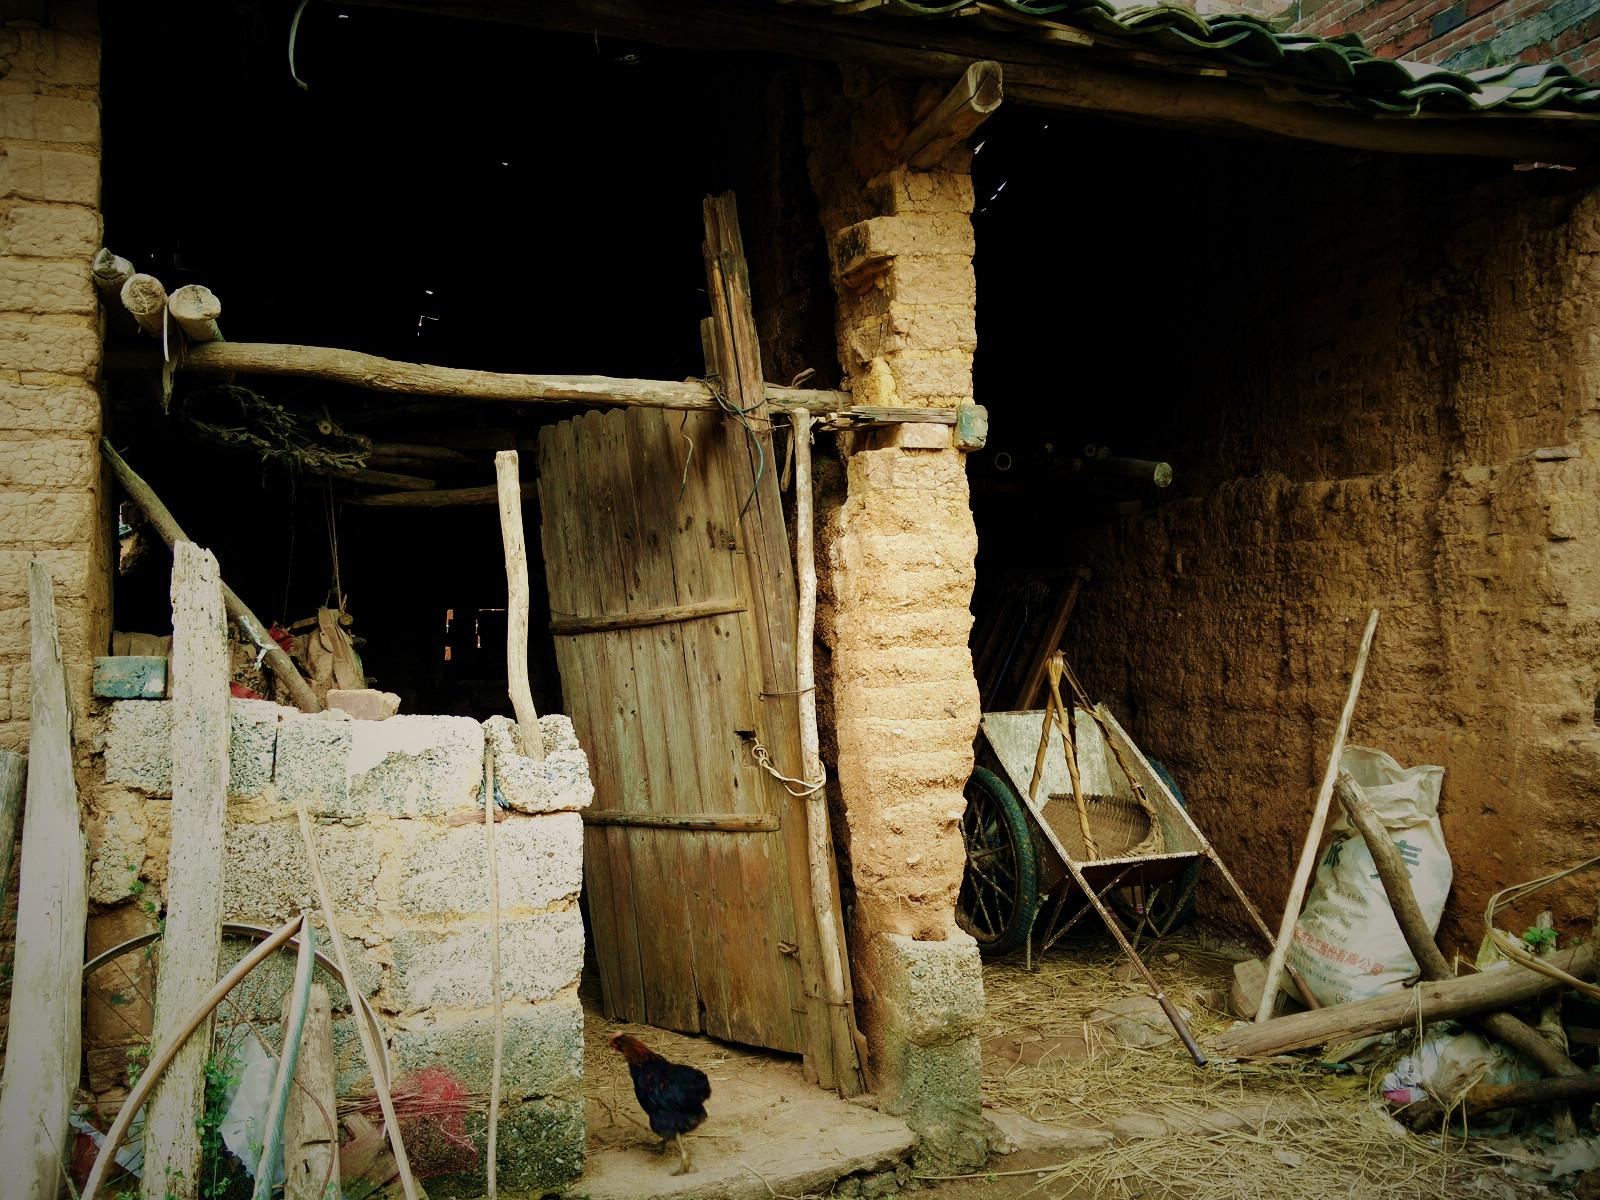 农村的老房子,历史的足迹